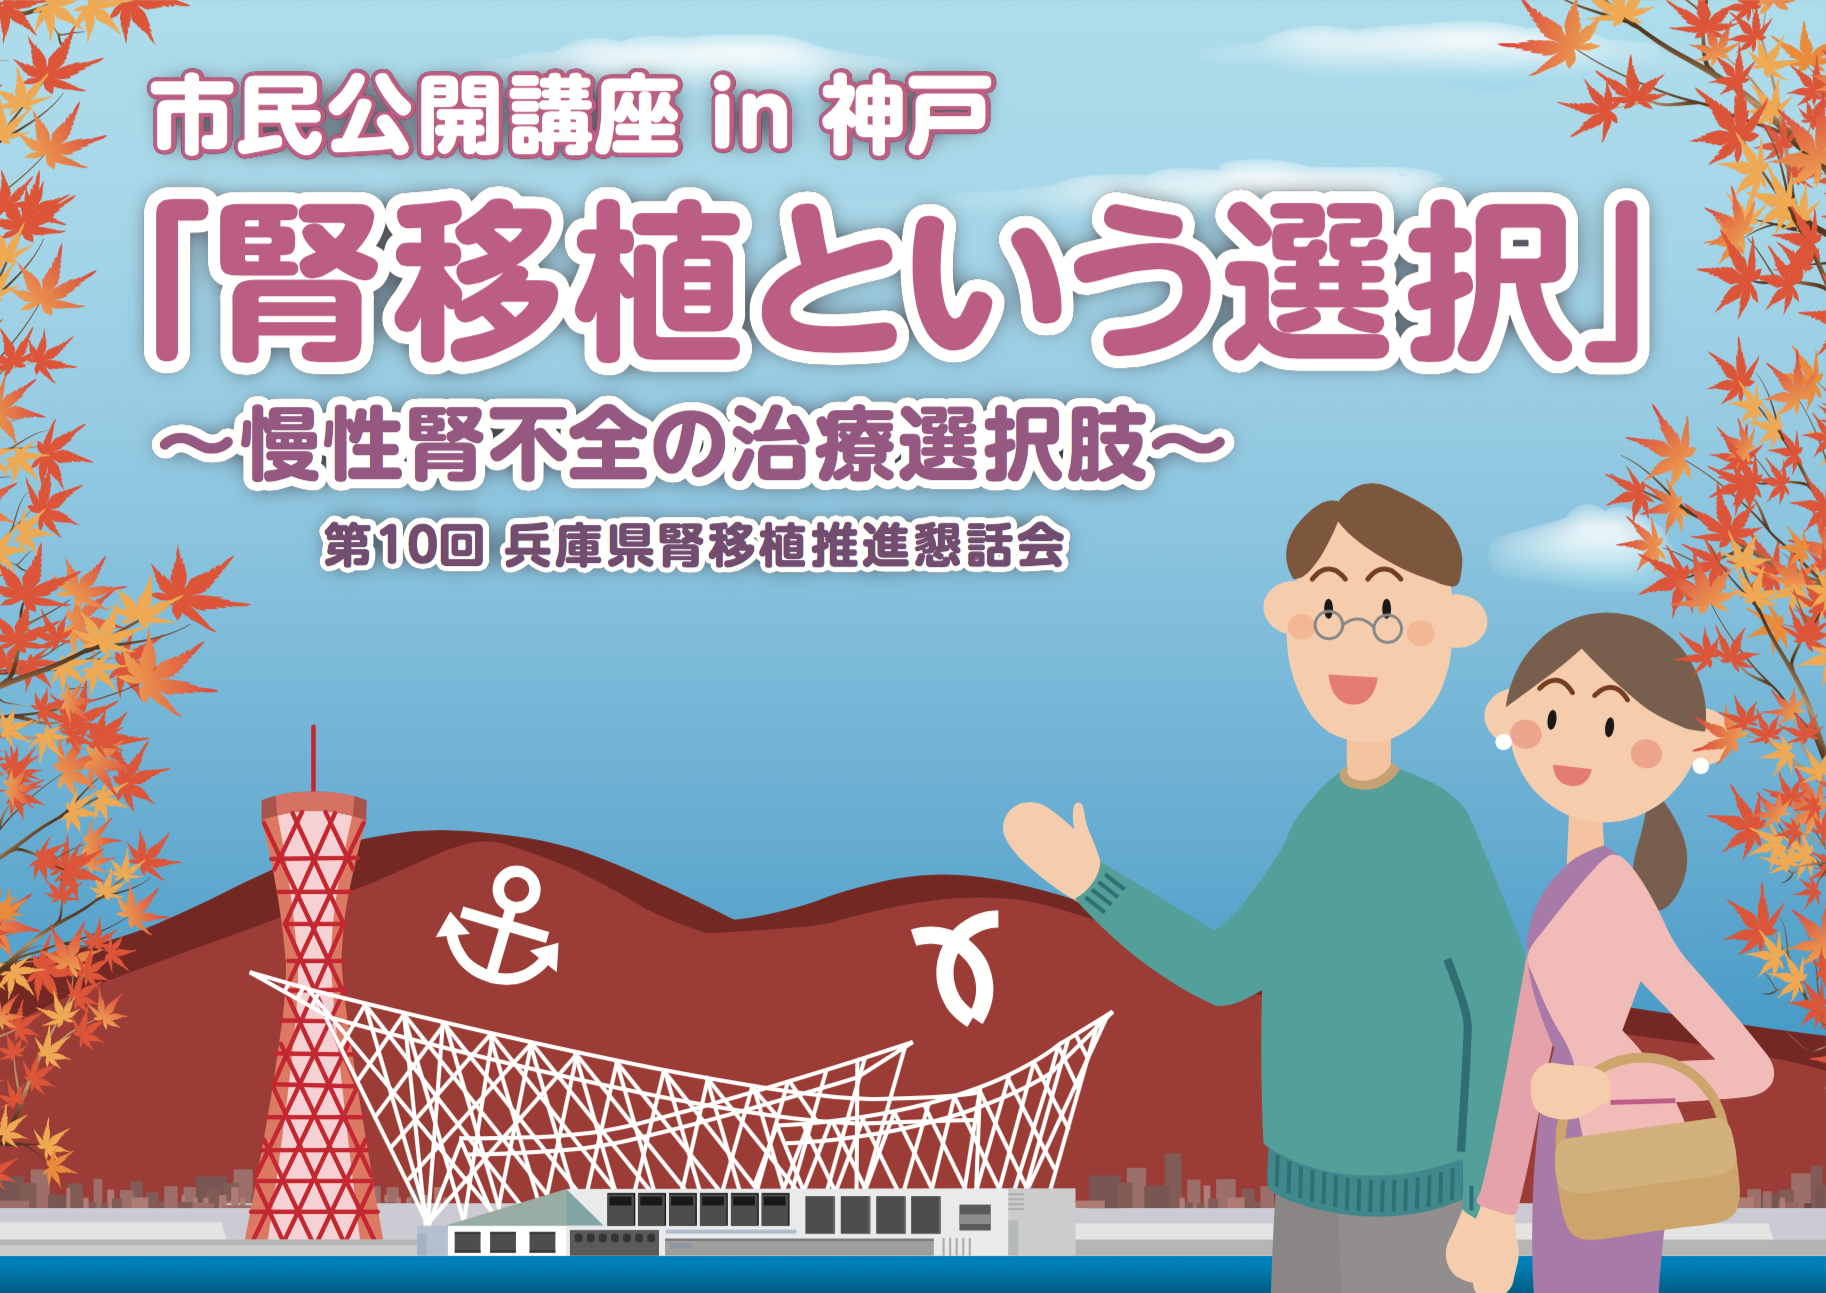 市民公開講座 in 神戸「腎移植という選択」〜慢性腎不全の治療選択肢〜